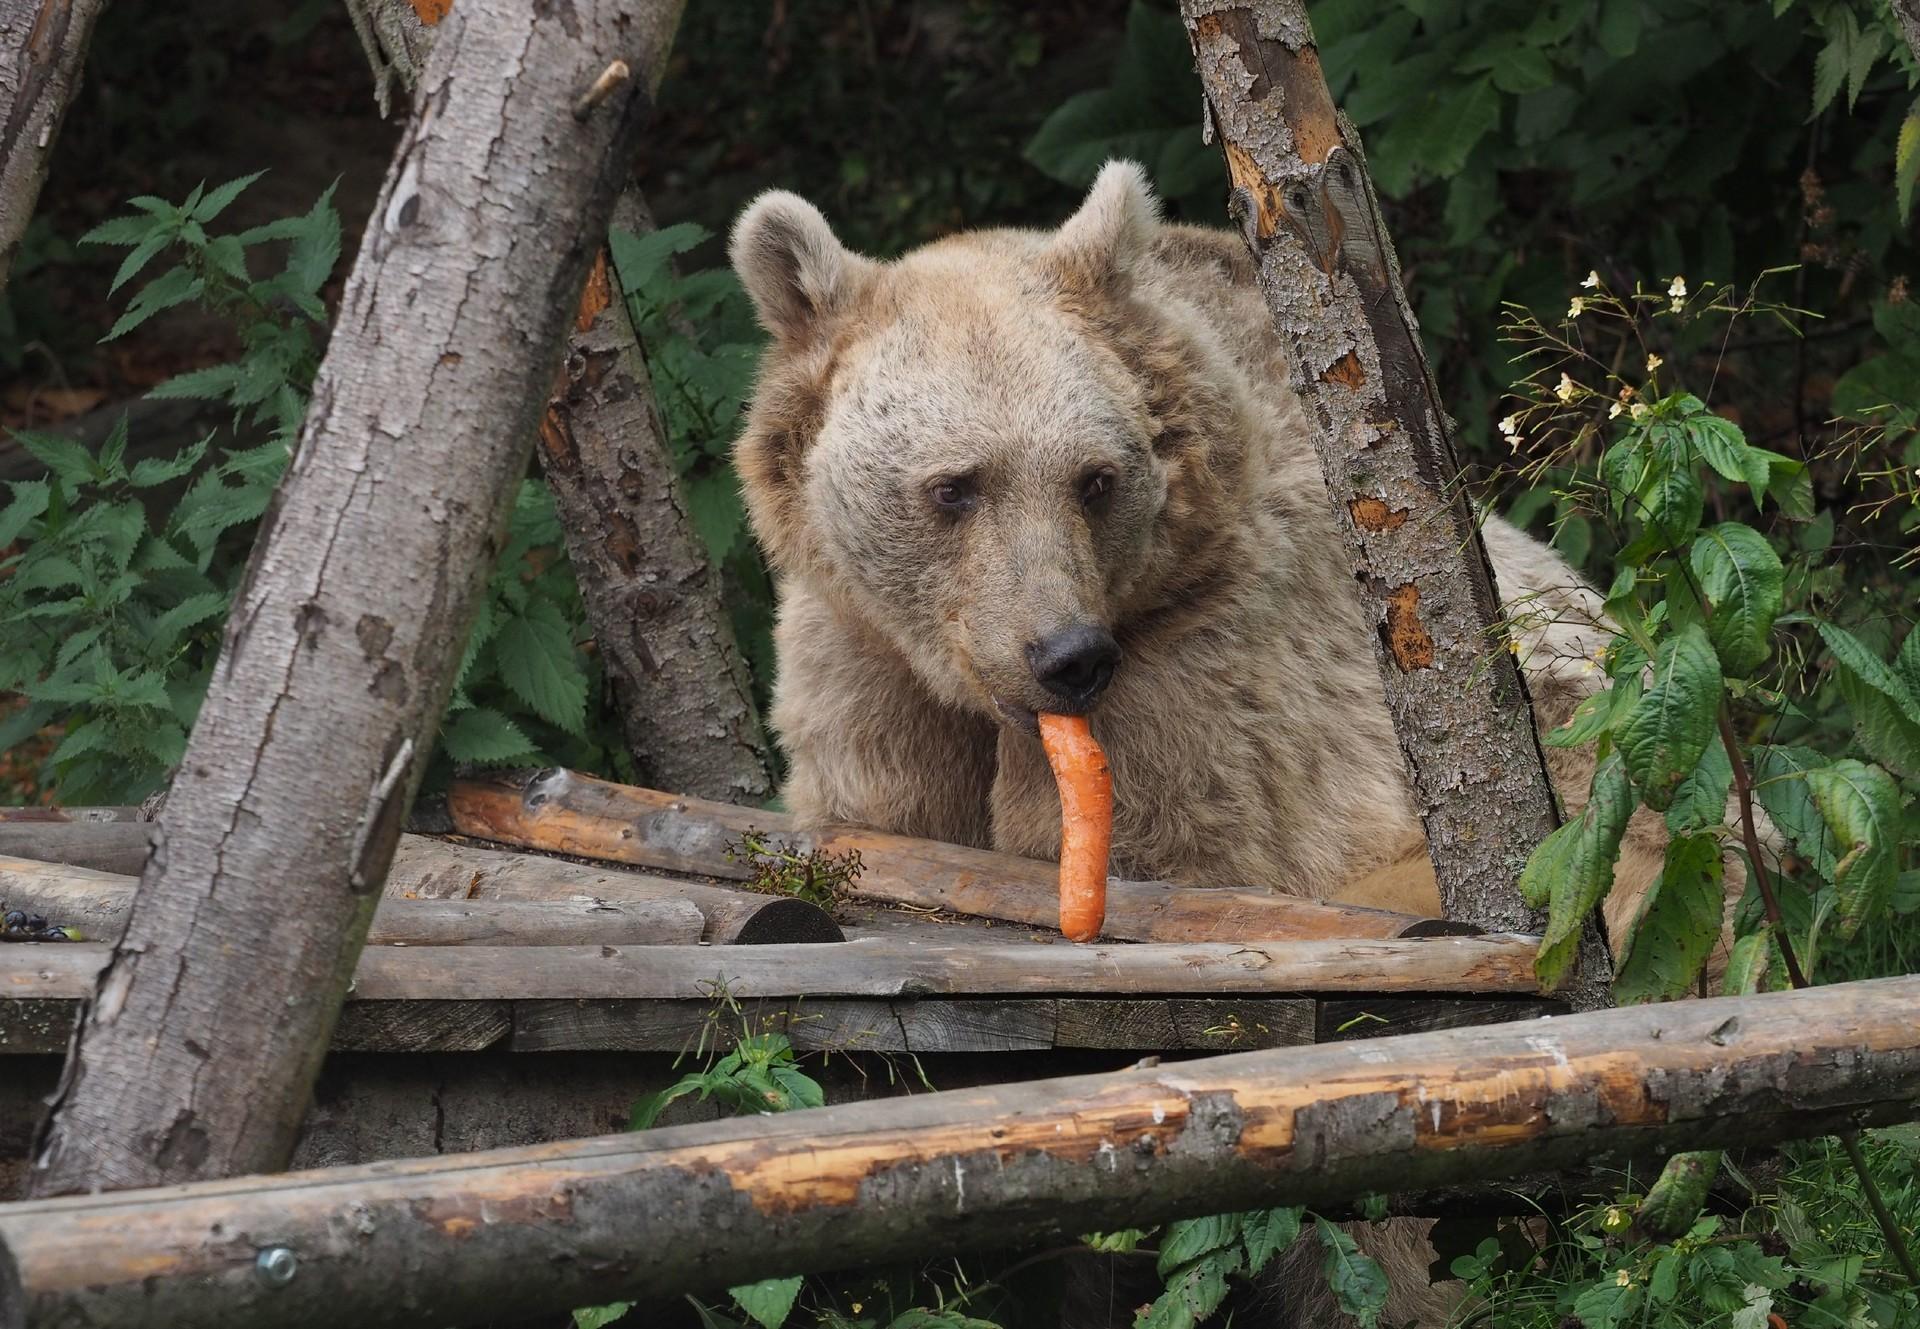 Bär Jerry nimmt sich die Karotte vor.